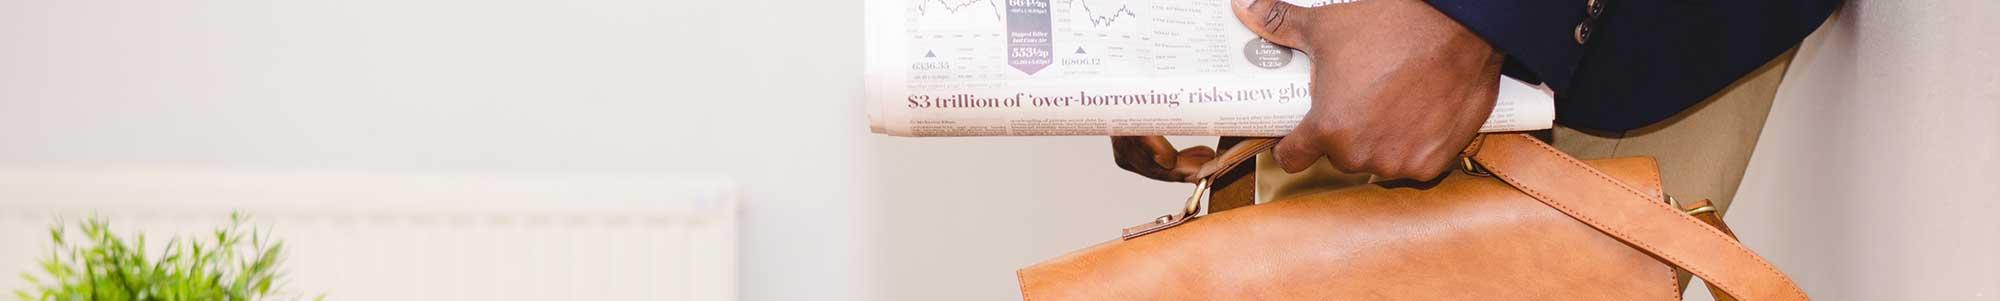 Afbeelding van man die een aktetas met krant vasthoudt